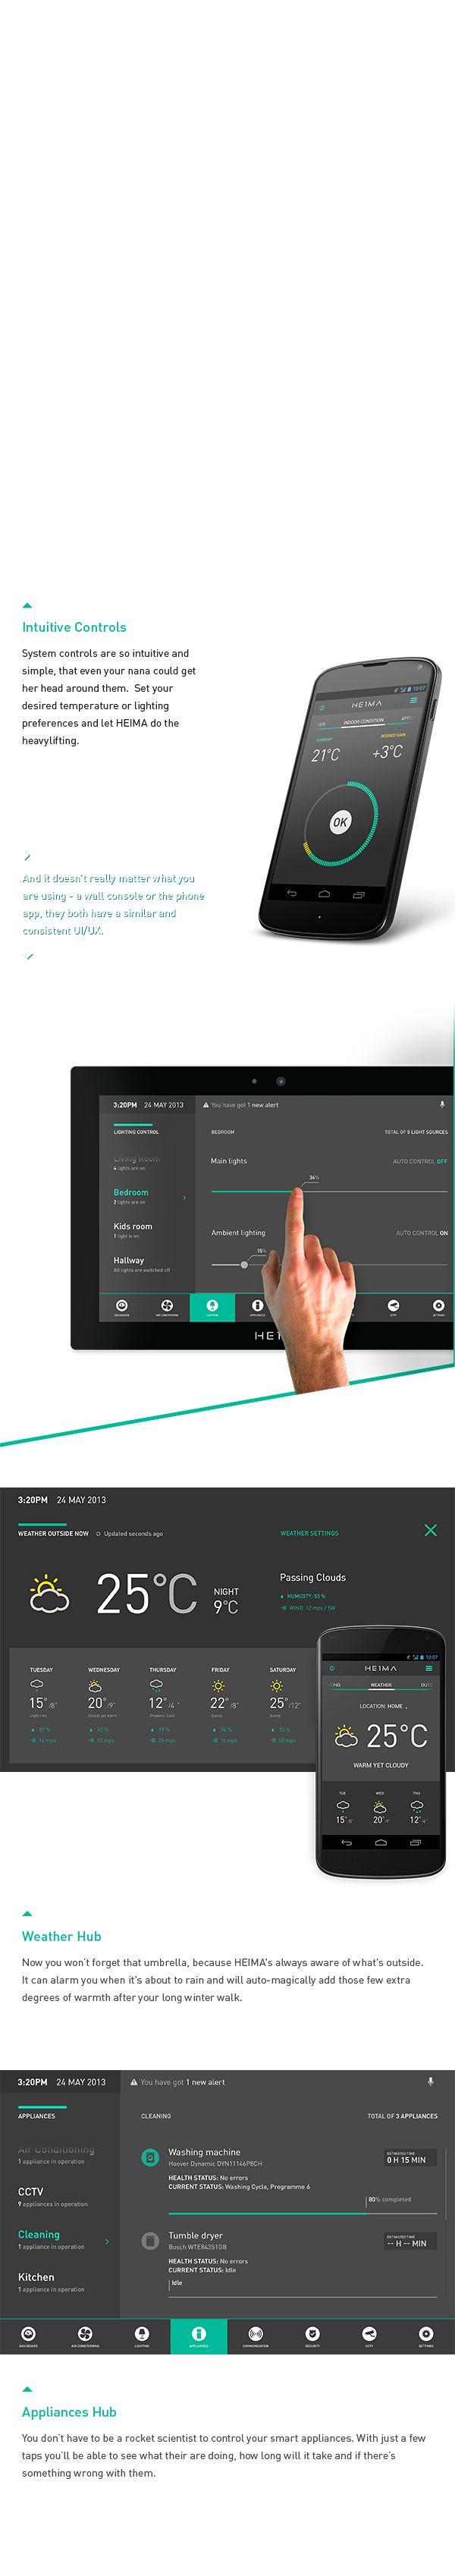 HEIMA. Smart Home Automation UI. on Behance